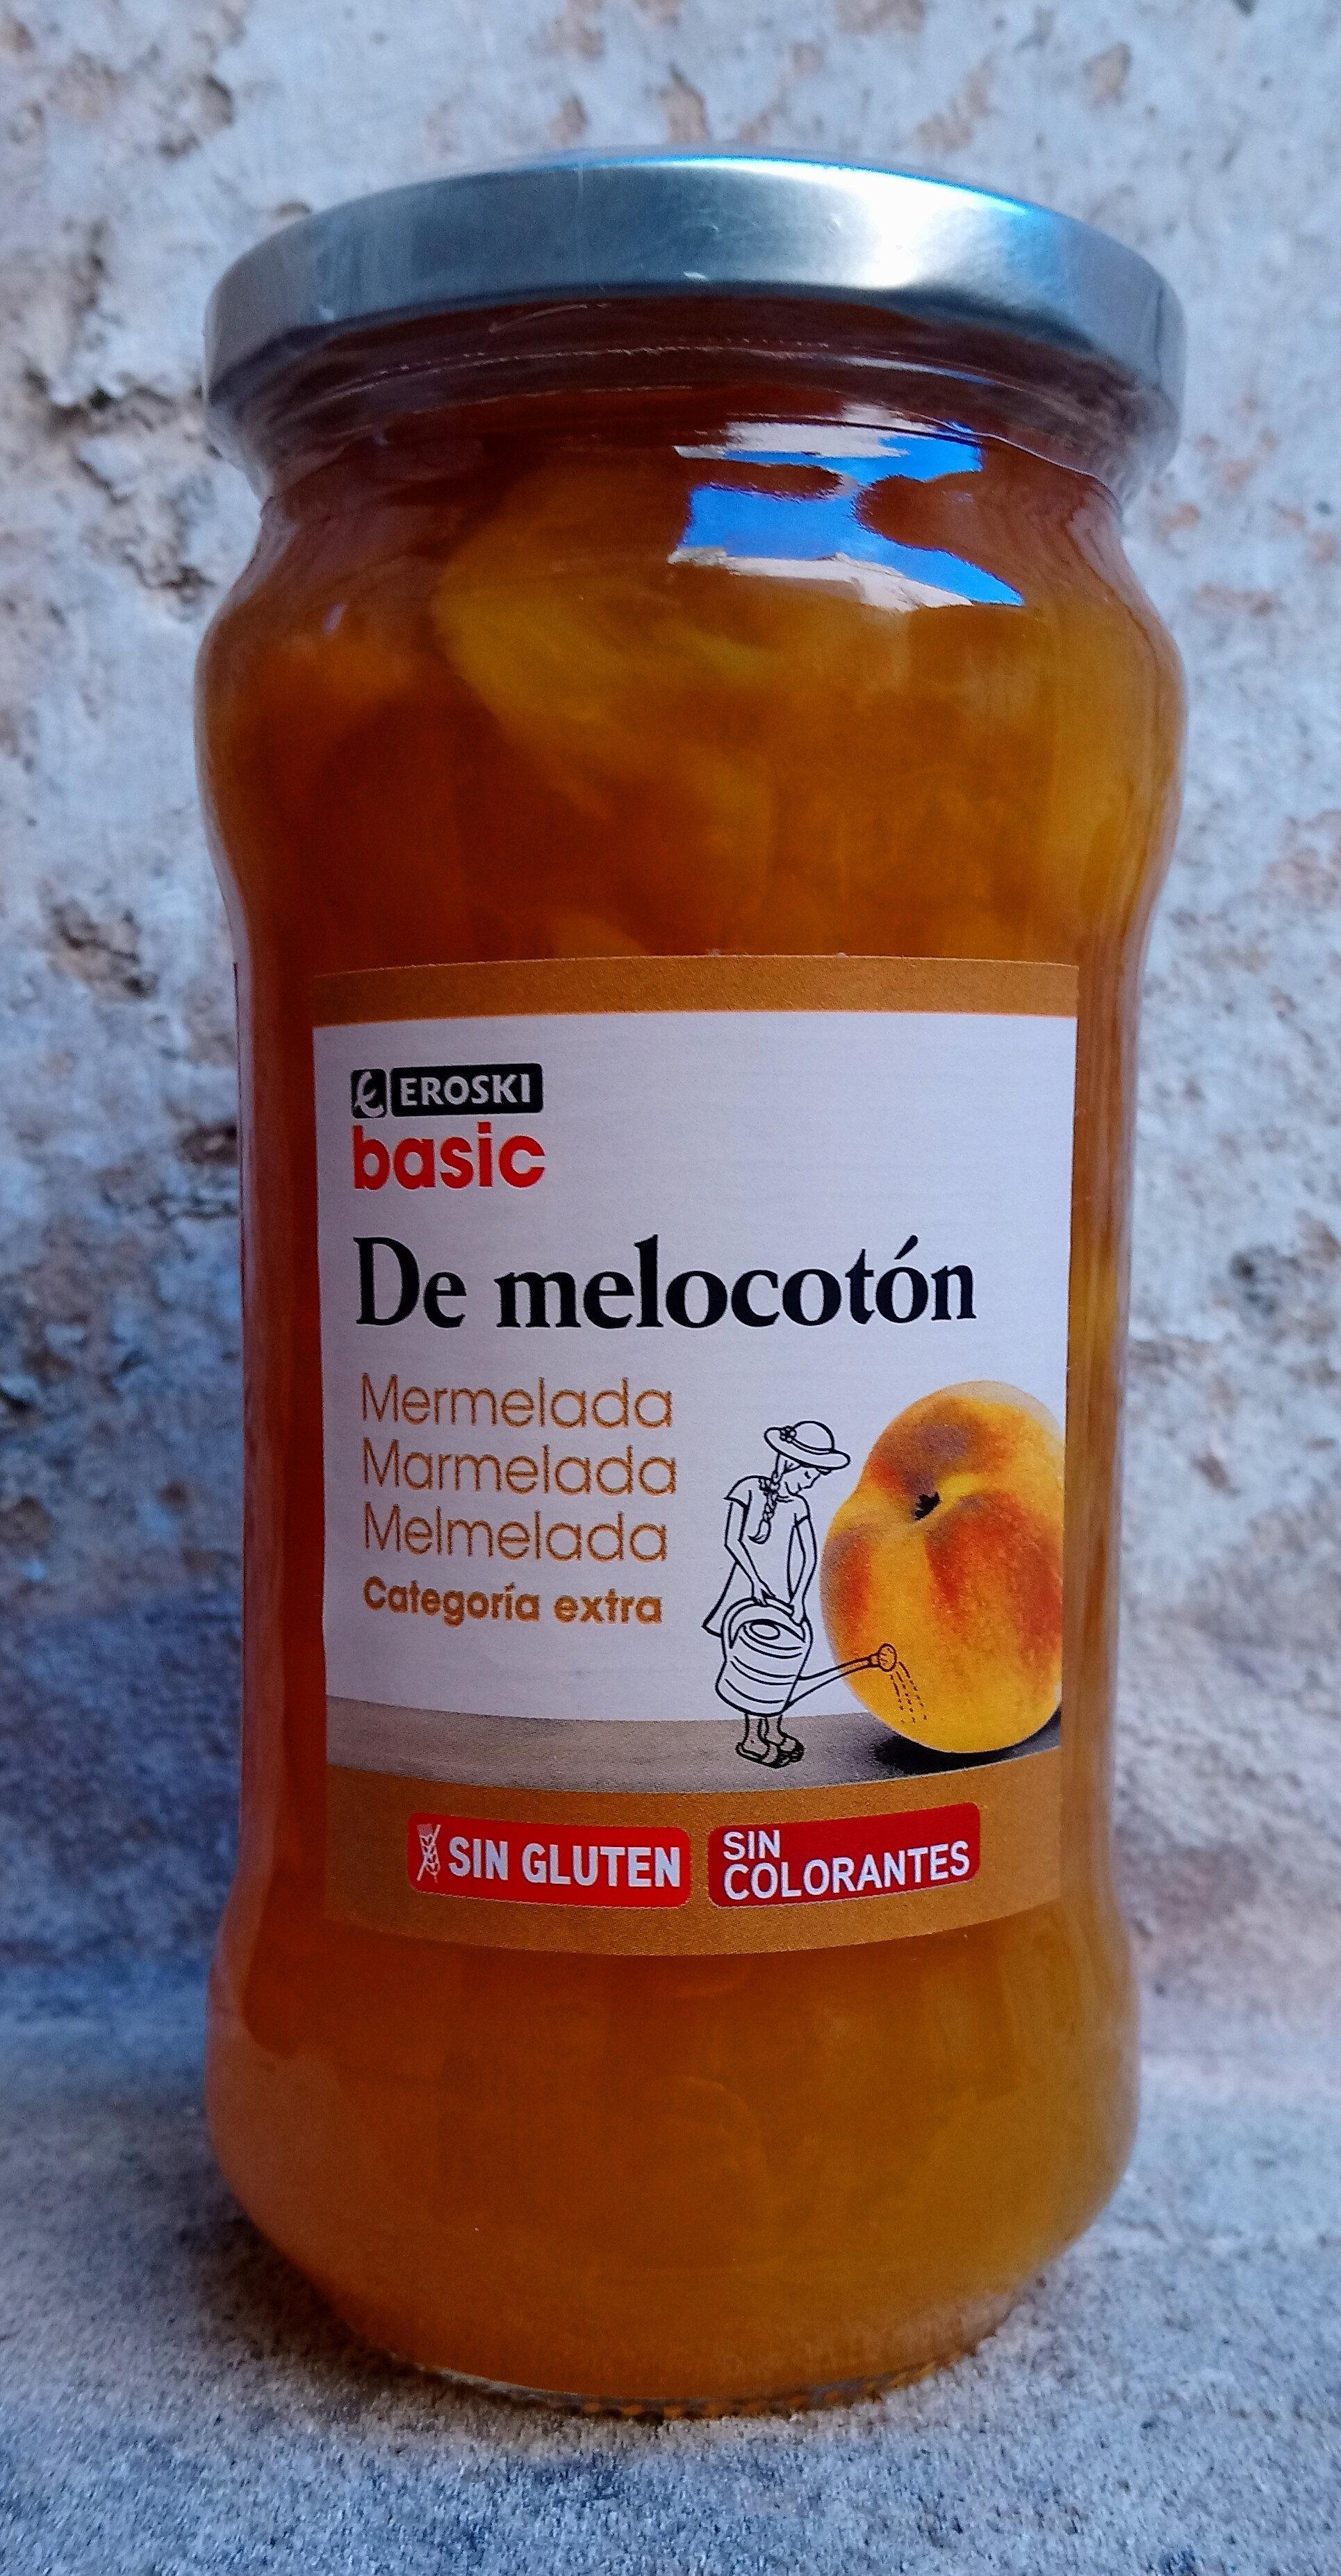 Ermelada de melocotón - Product - es